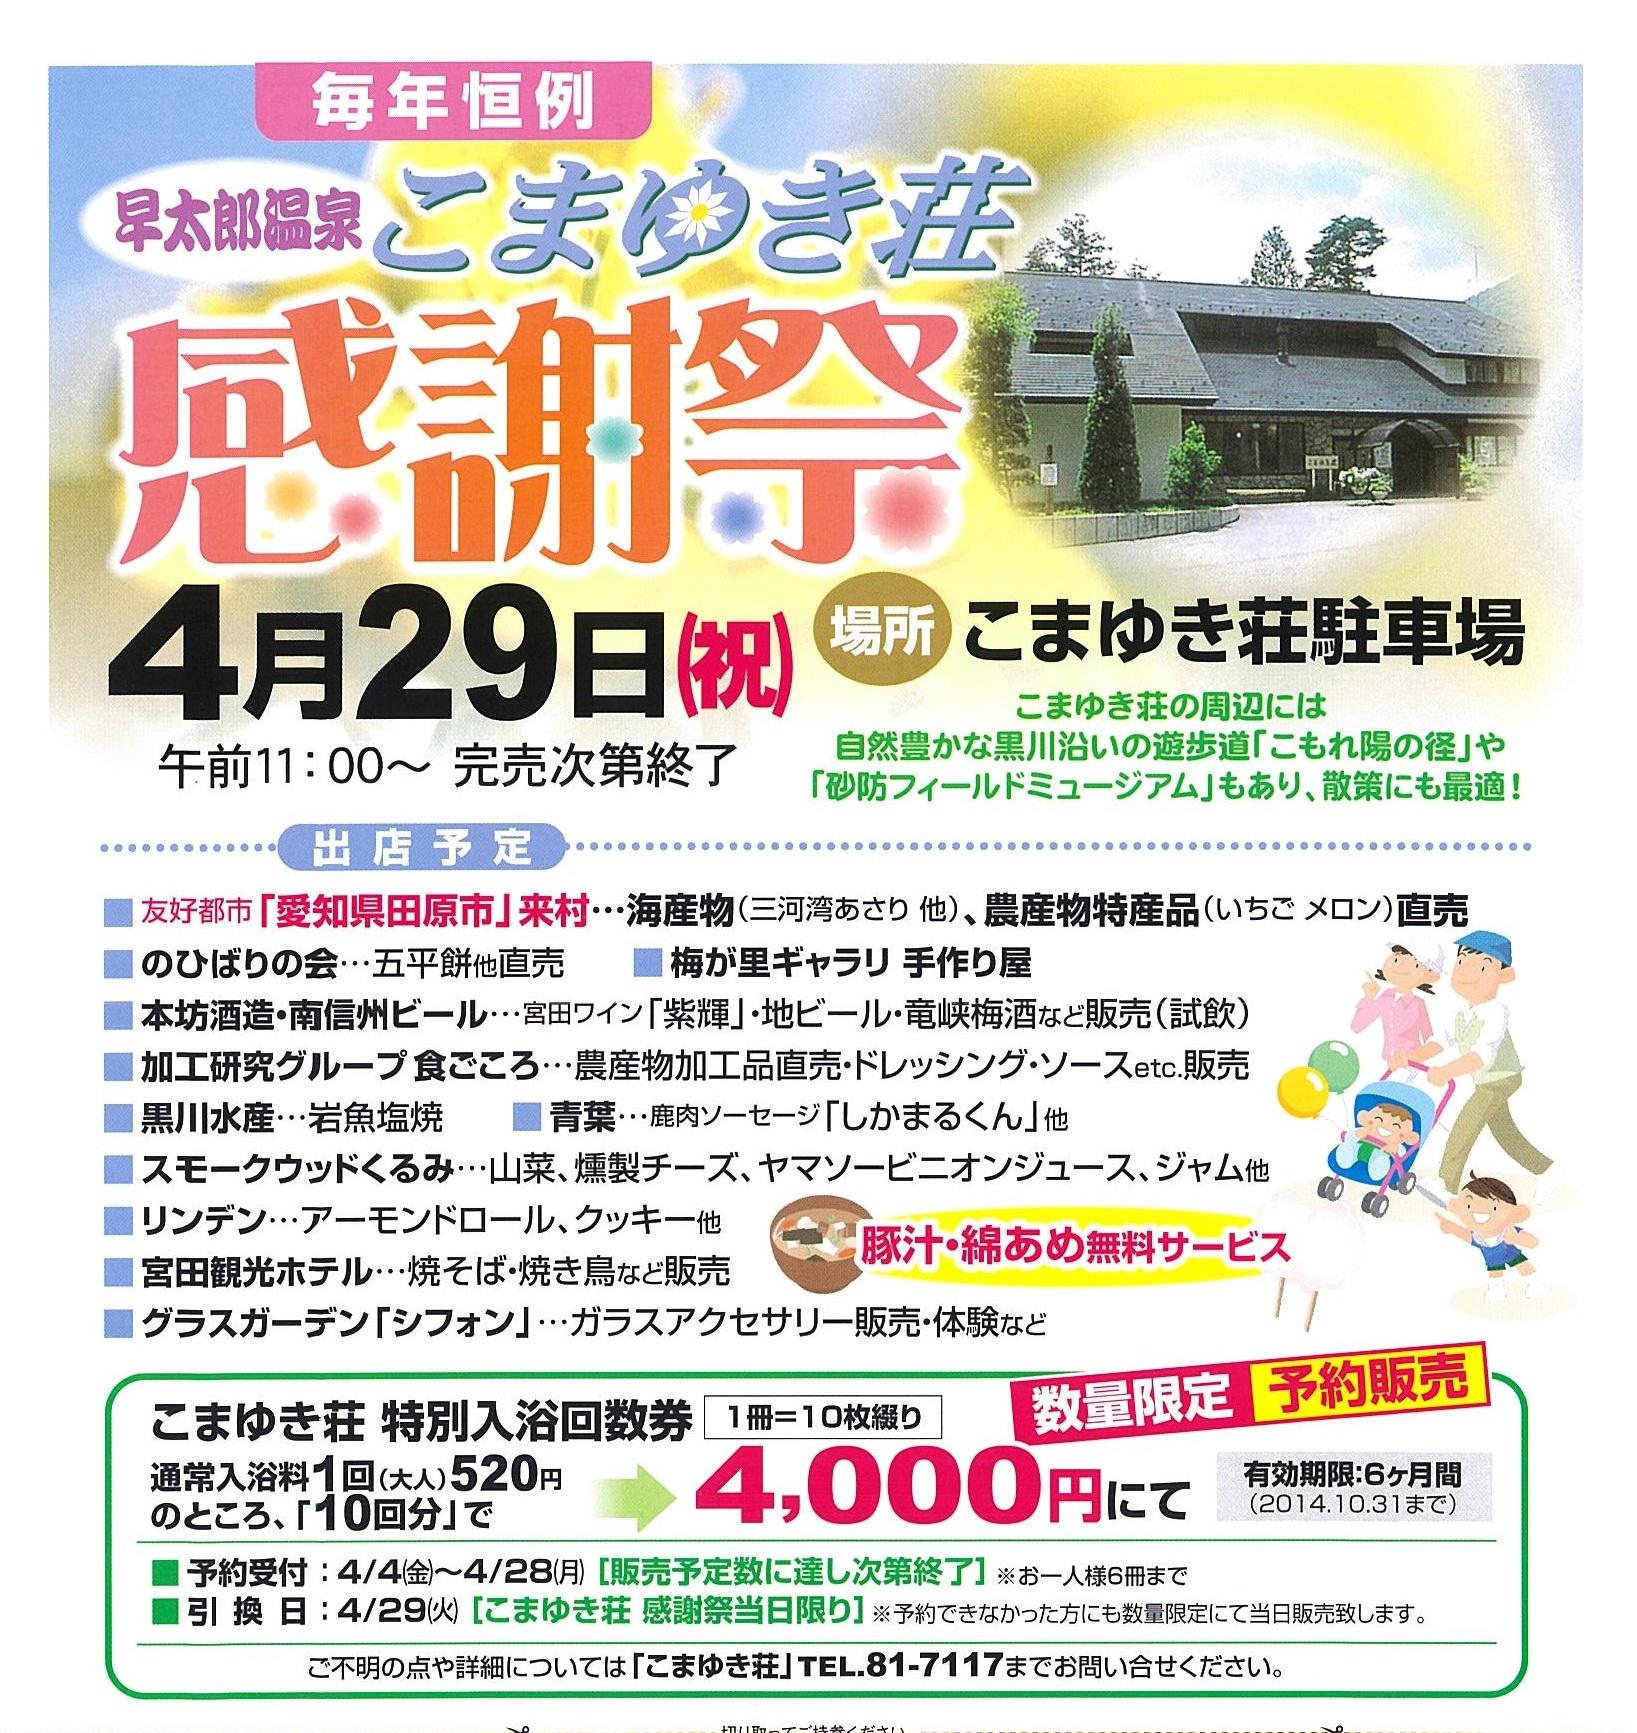 【毎年恒例】4/29こまゆき荘感謝祭やります!!